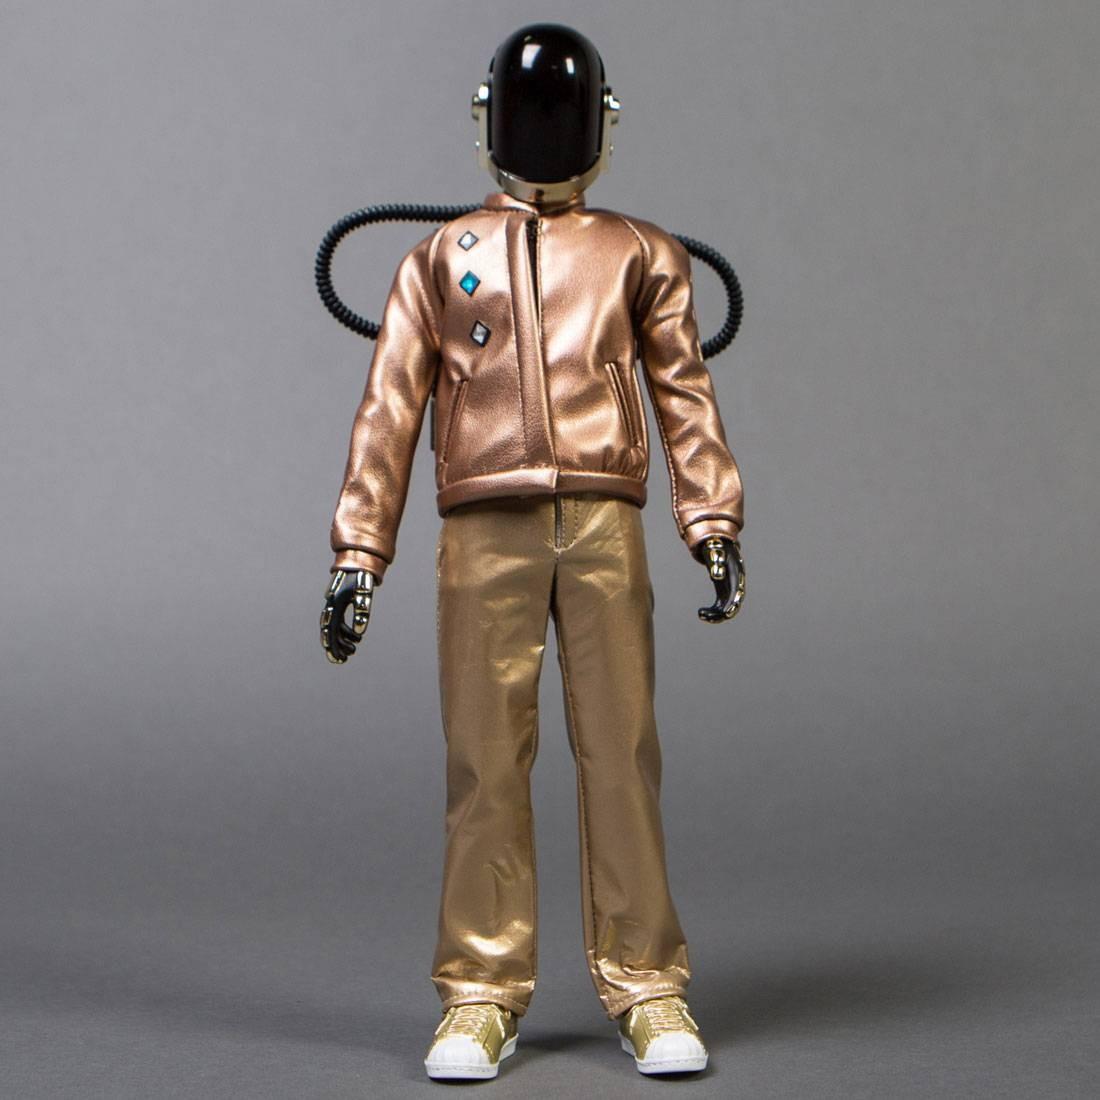 Medicom RAH Daft Punk Discovery Ver. 2.0 - Guy Manuel de Homem Christo Figure (bronze / gold)